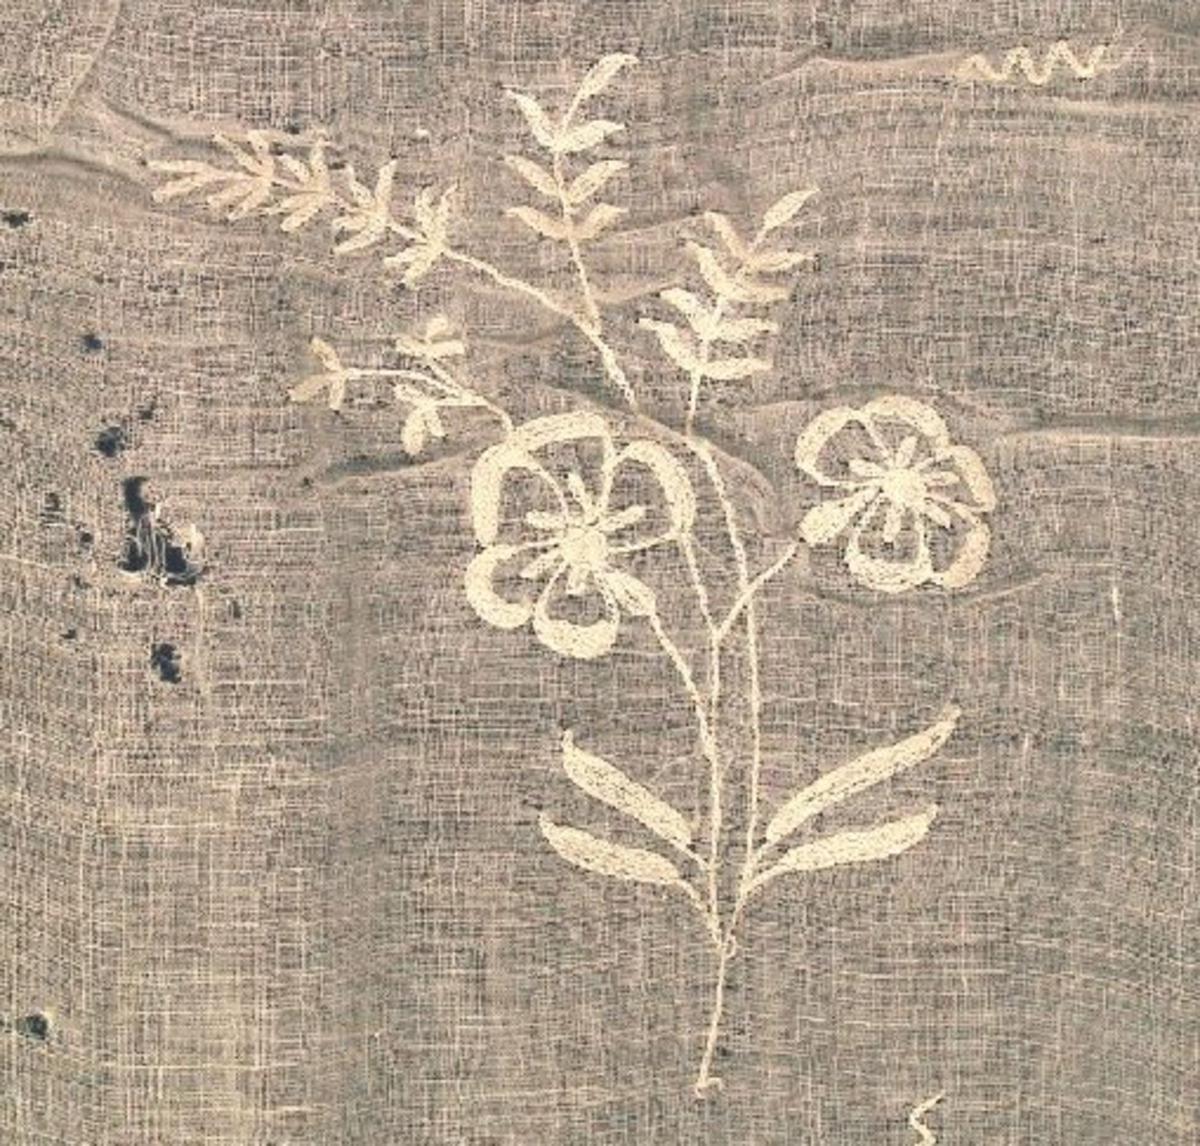 Små blomster på overdel og øverst på skjørtet. Større blomster og blader, samt bølgebord nederst på skjørtet. Hullbord i nedrekant.